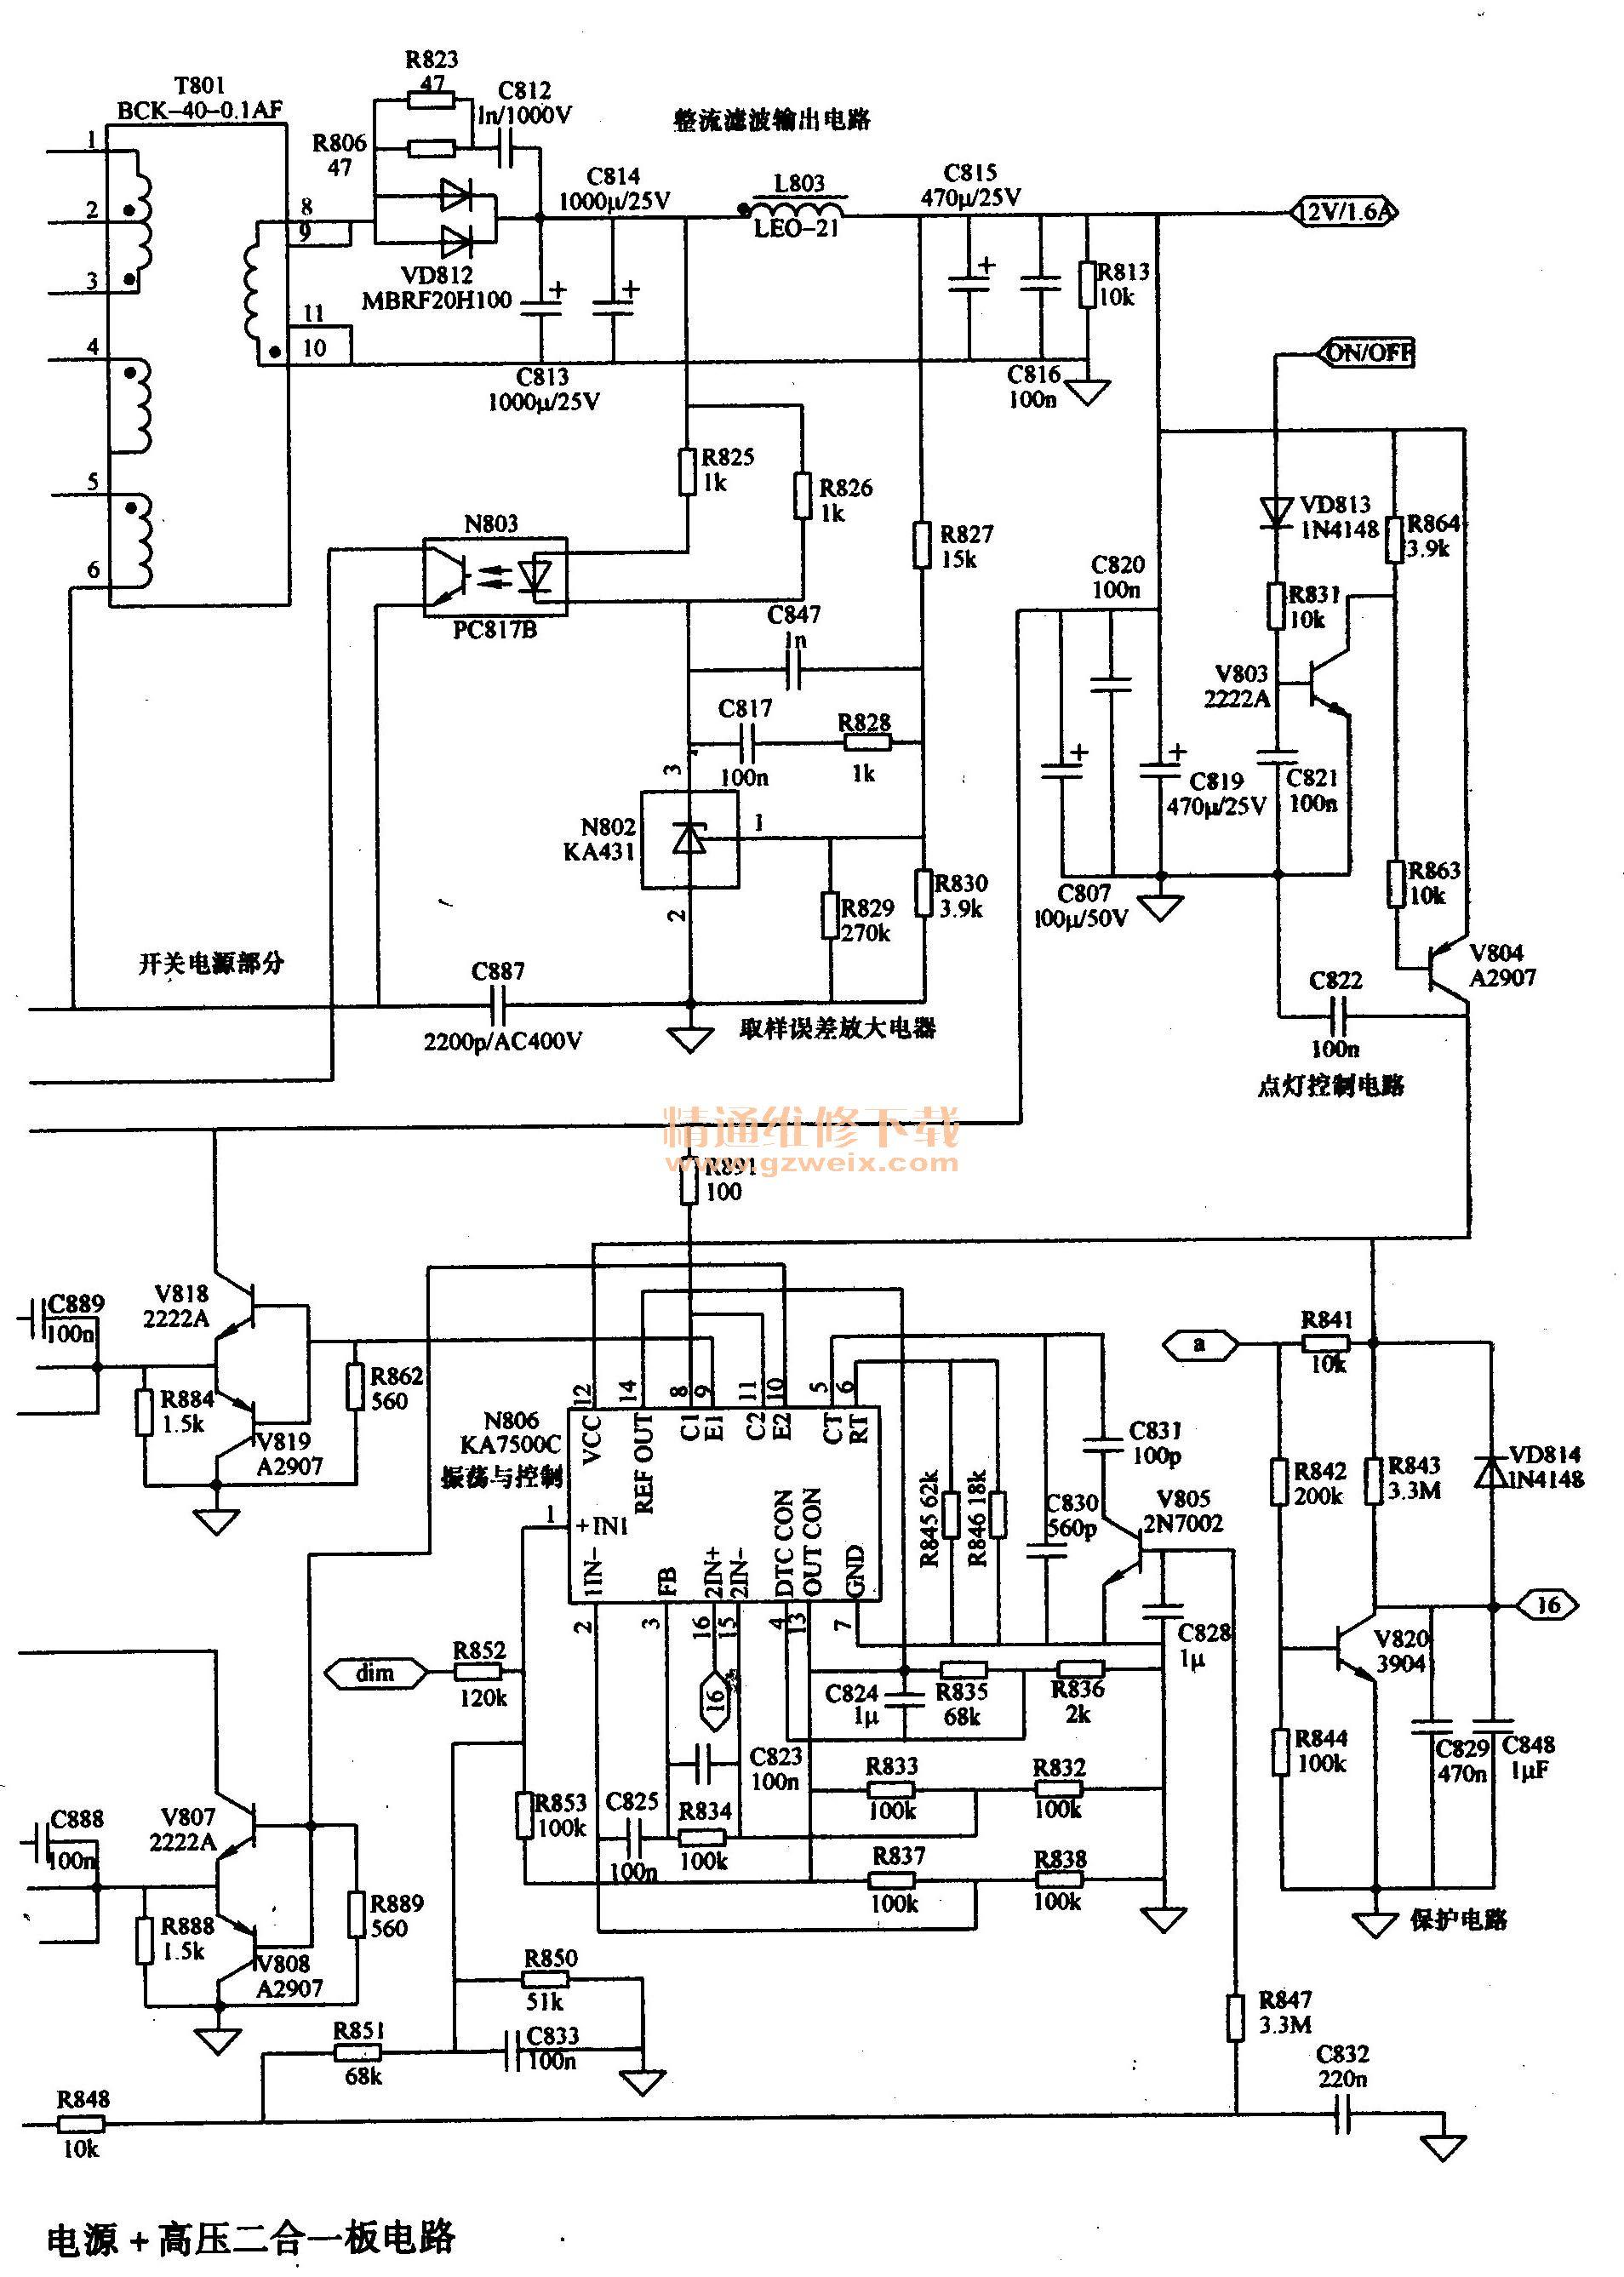 海信MST7机芯1585电源+高压二合一板电路